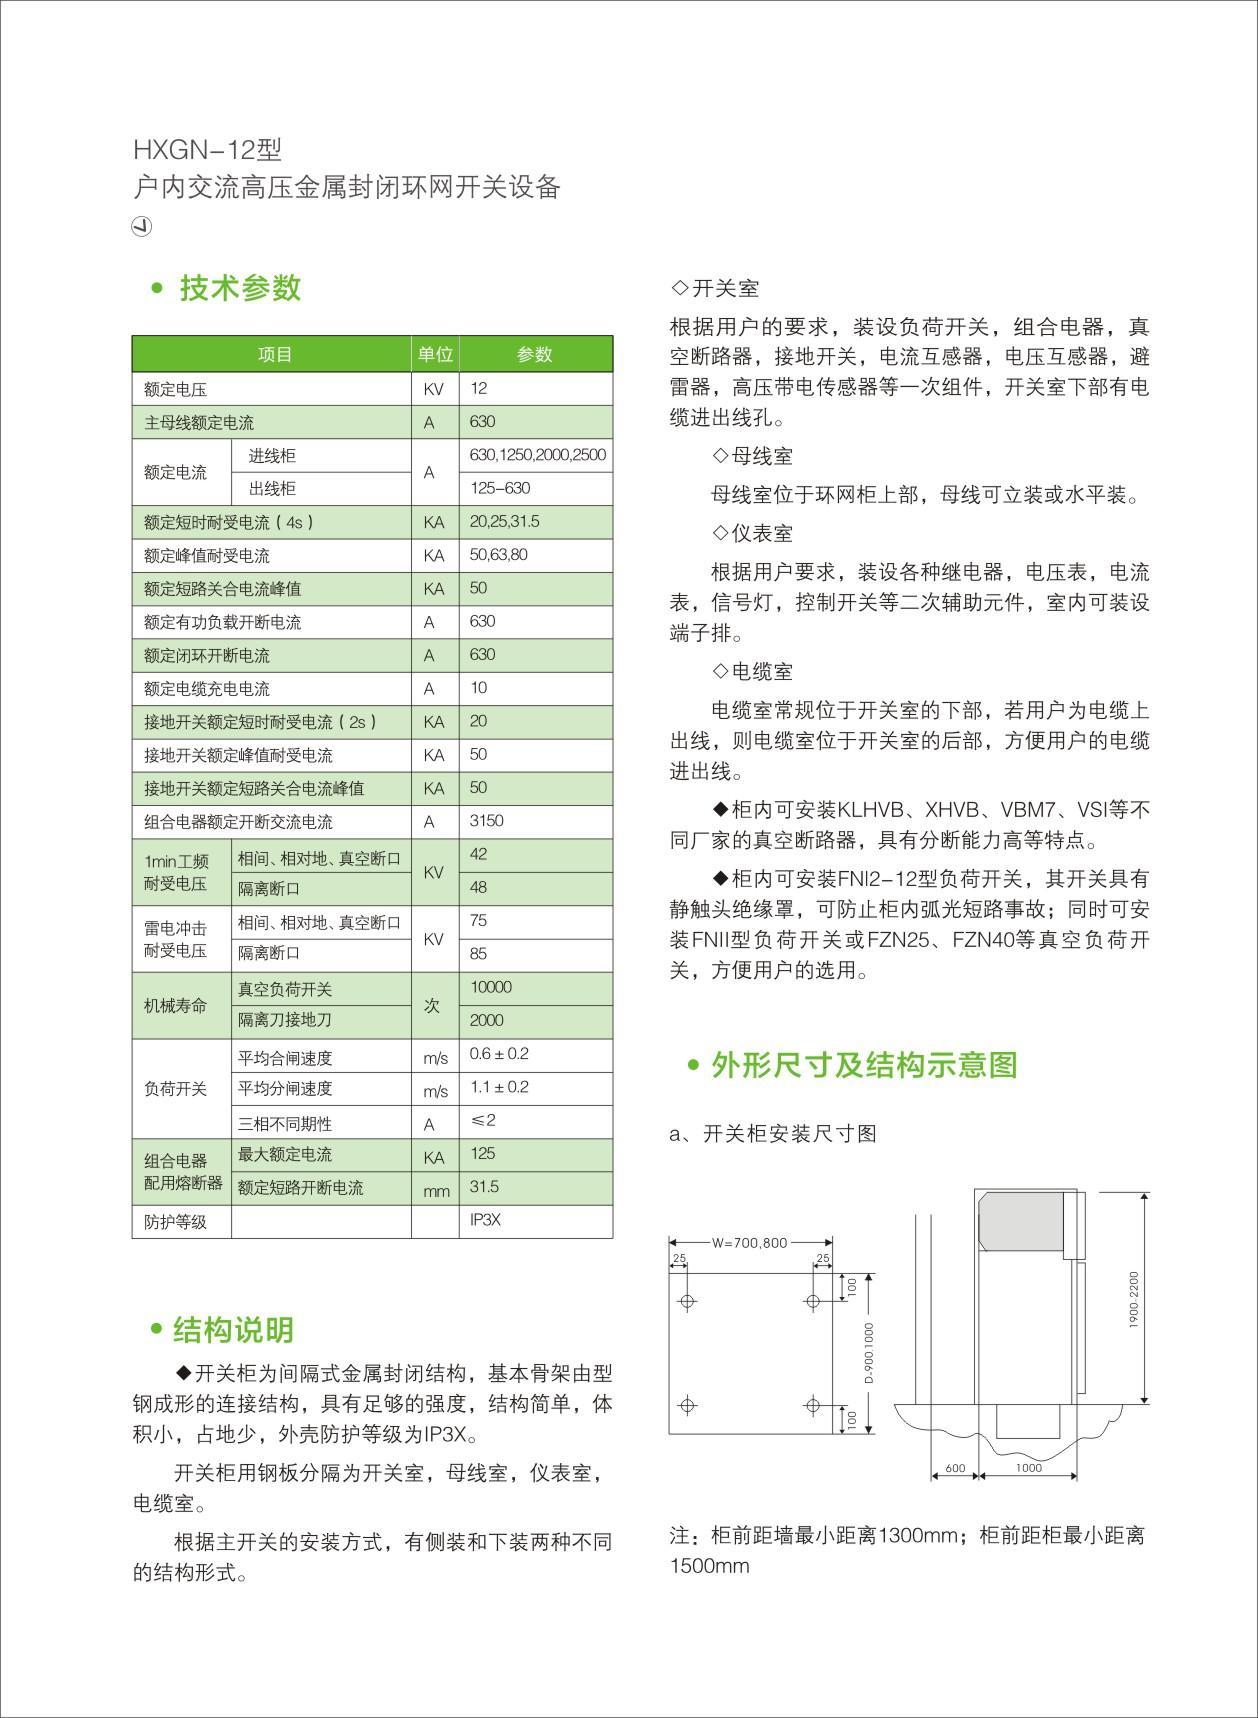 HXGN-12型戶內交流高壓金屬封閉環網開關設備-02